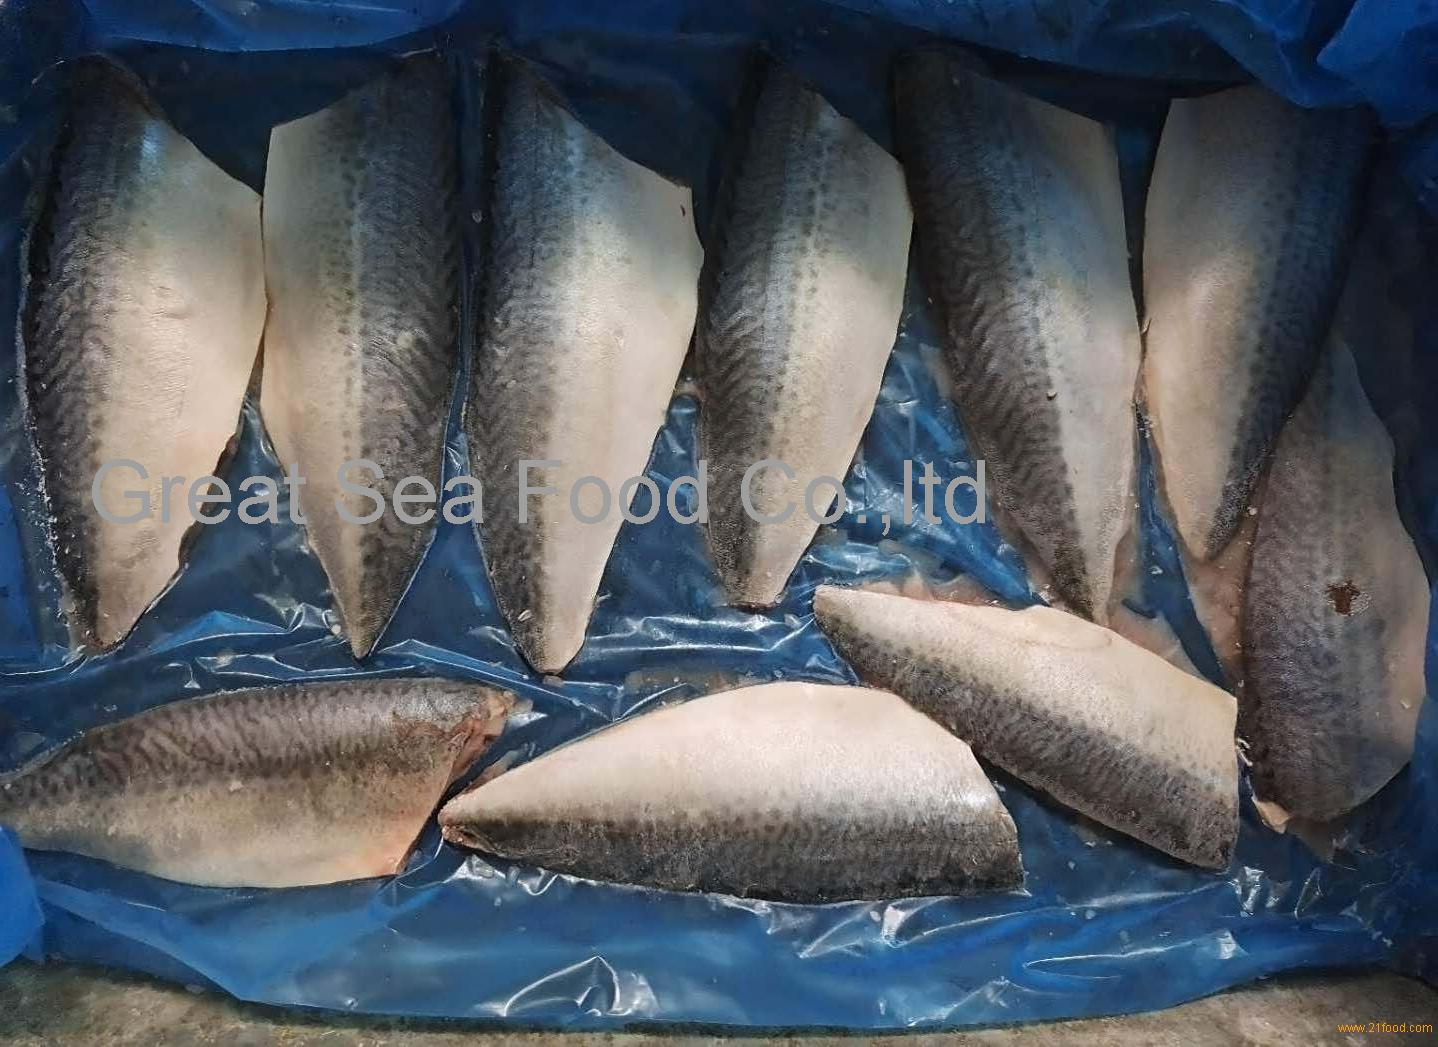 Frozen pacific mackerel fillets 100g+